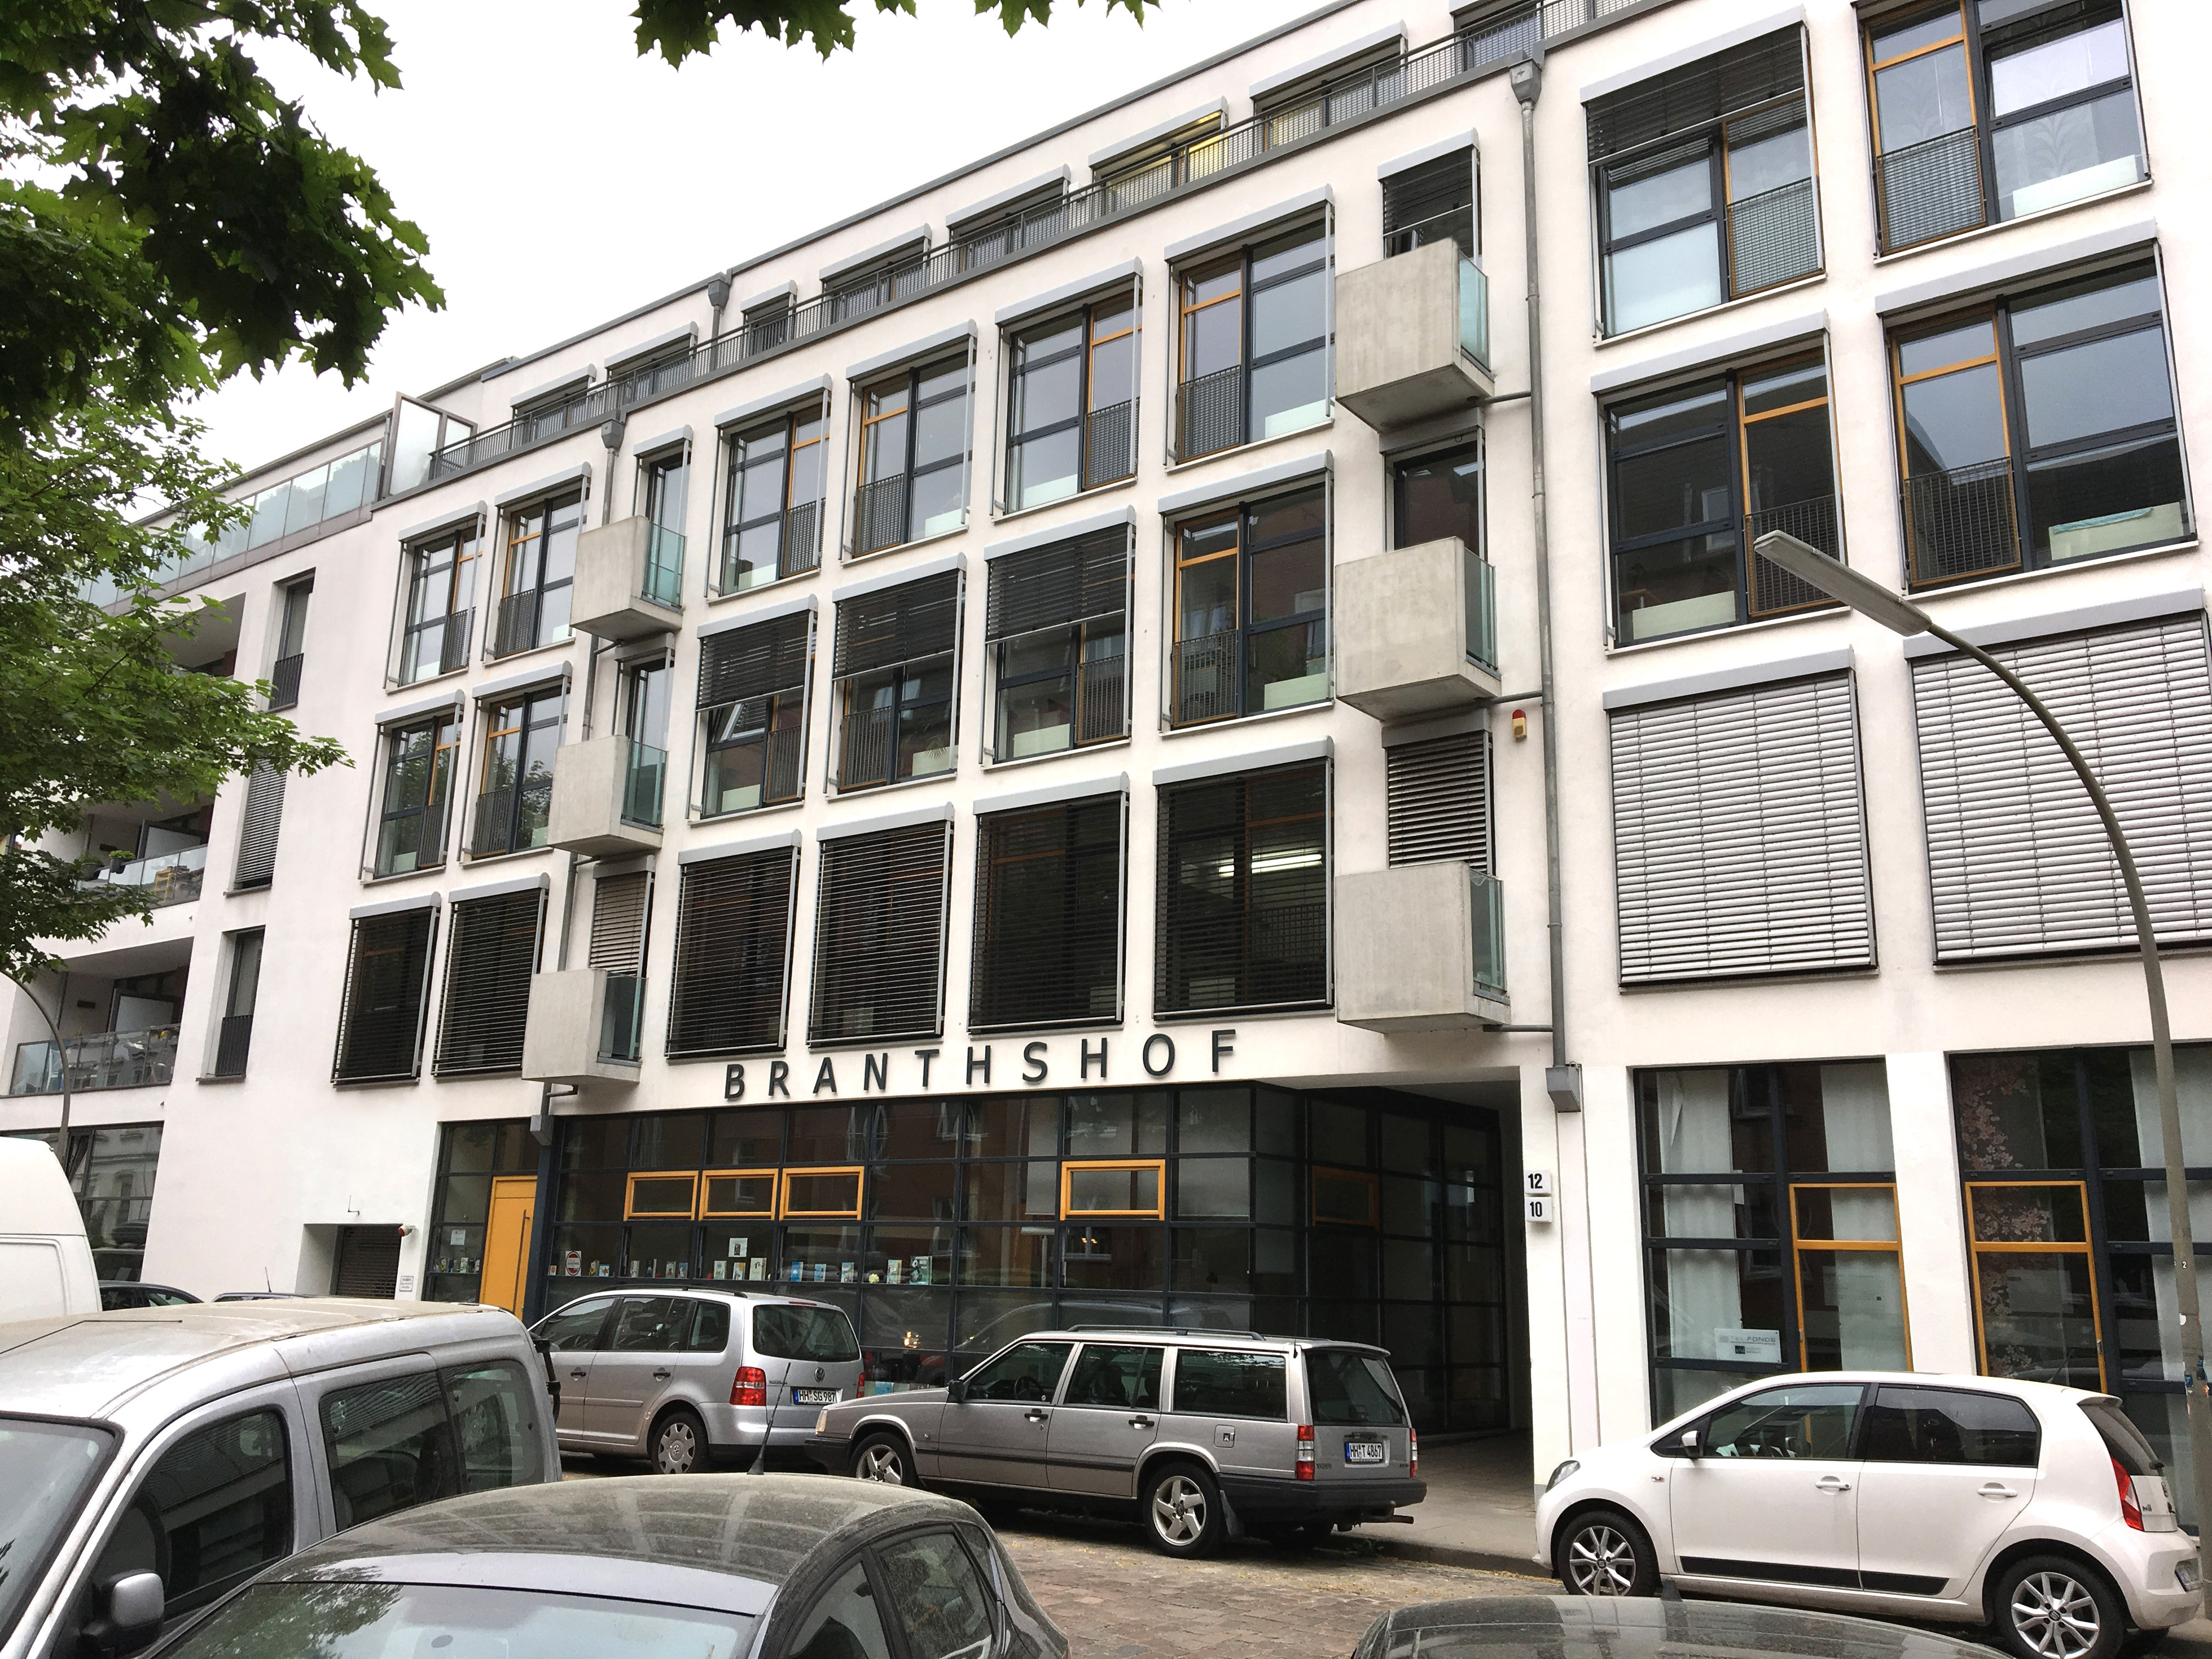 Anke Polster Finanzierungs- und Immobilienkontor